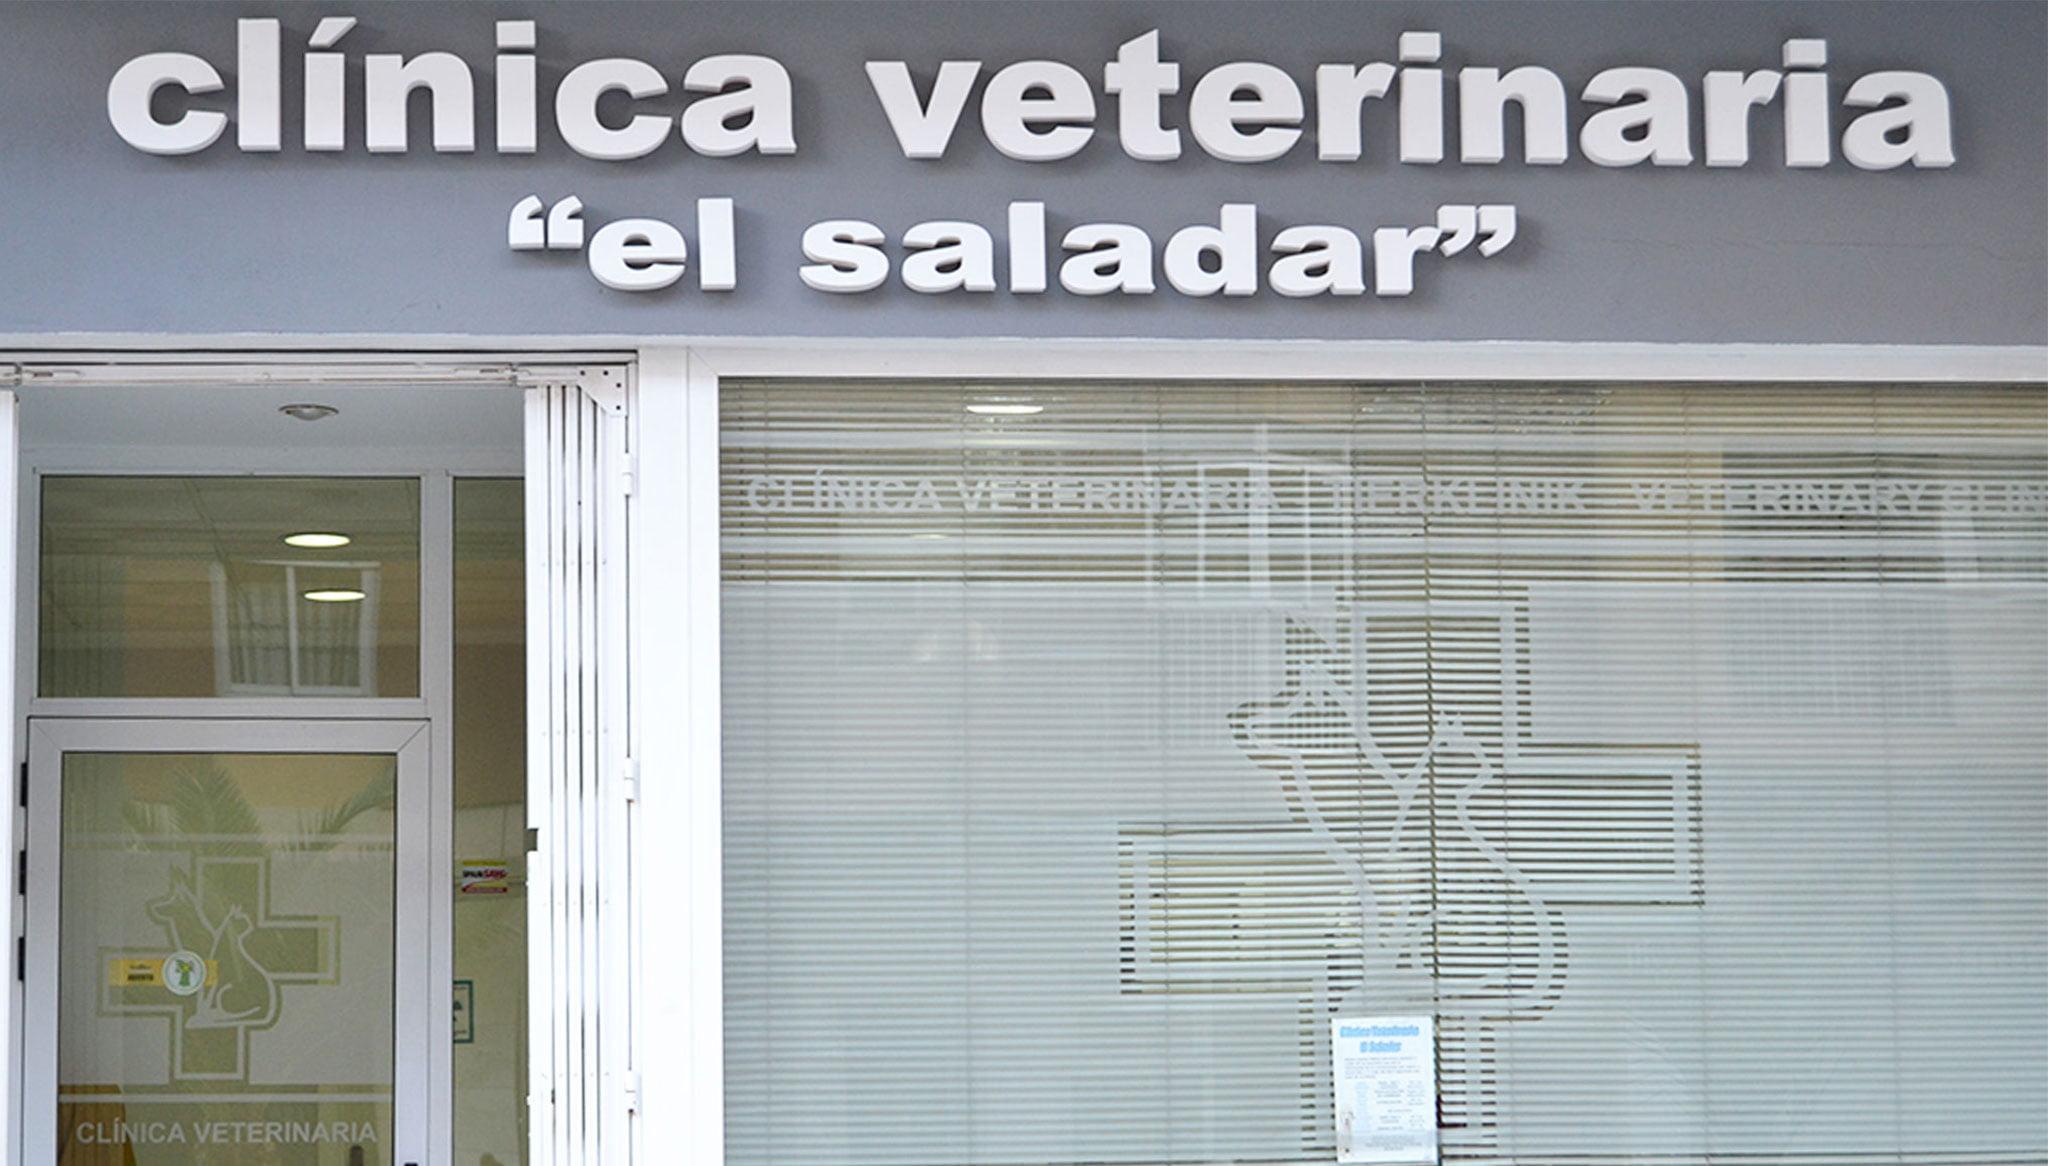 Entrada de Clínica Veterinaria El Saladar